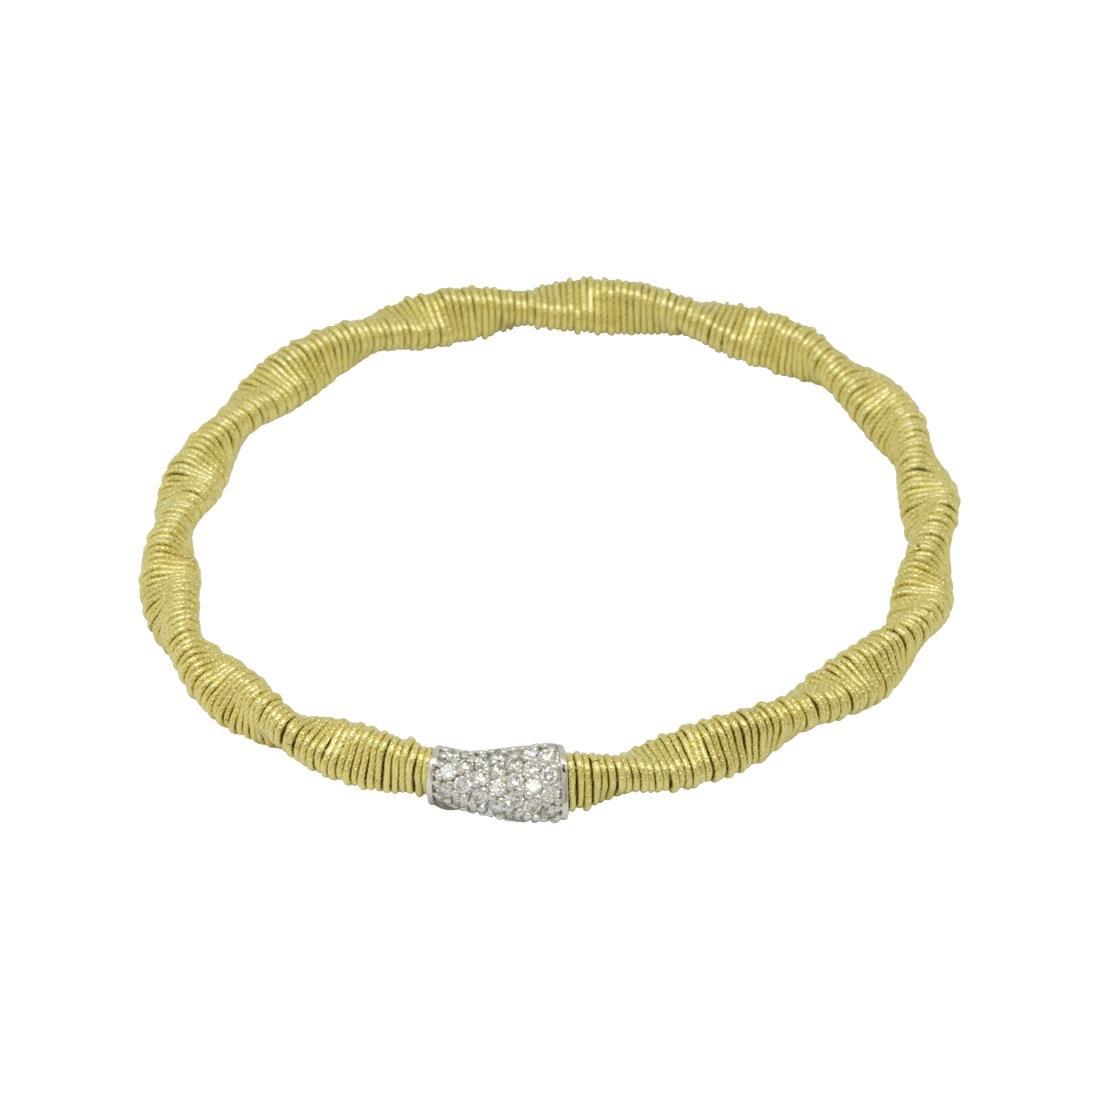 Bracciale in oro giallo e sfera passante 8mm diamanti bianchi - ROBERTO DEMEGLIO